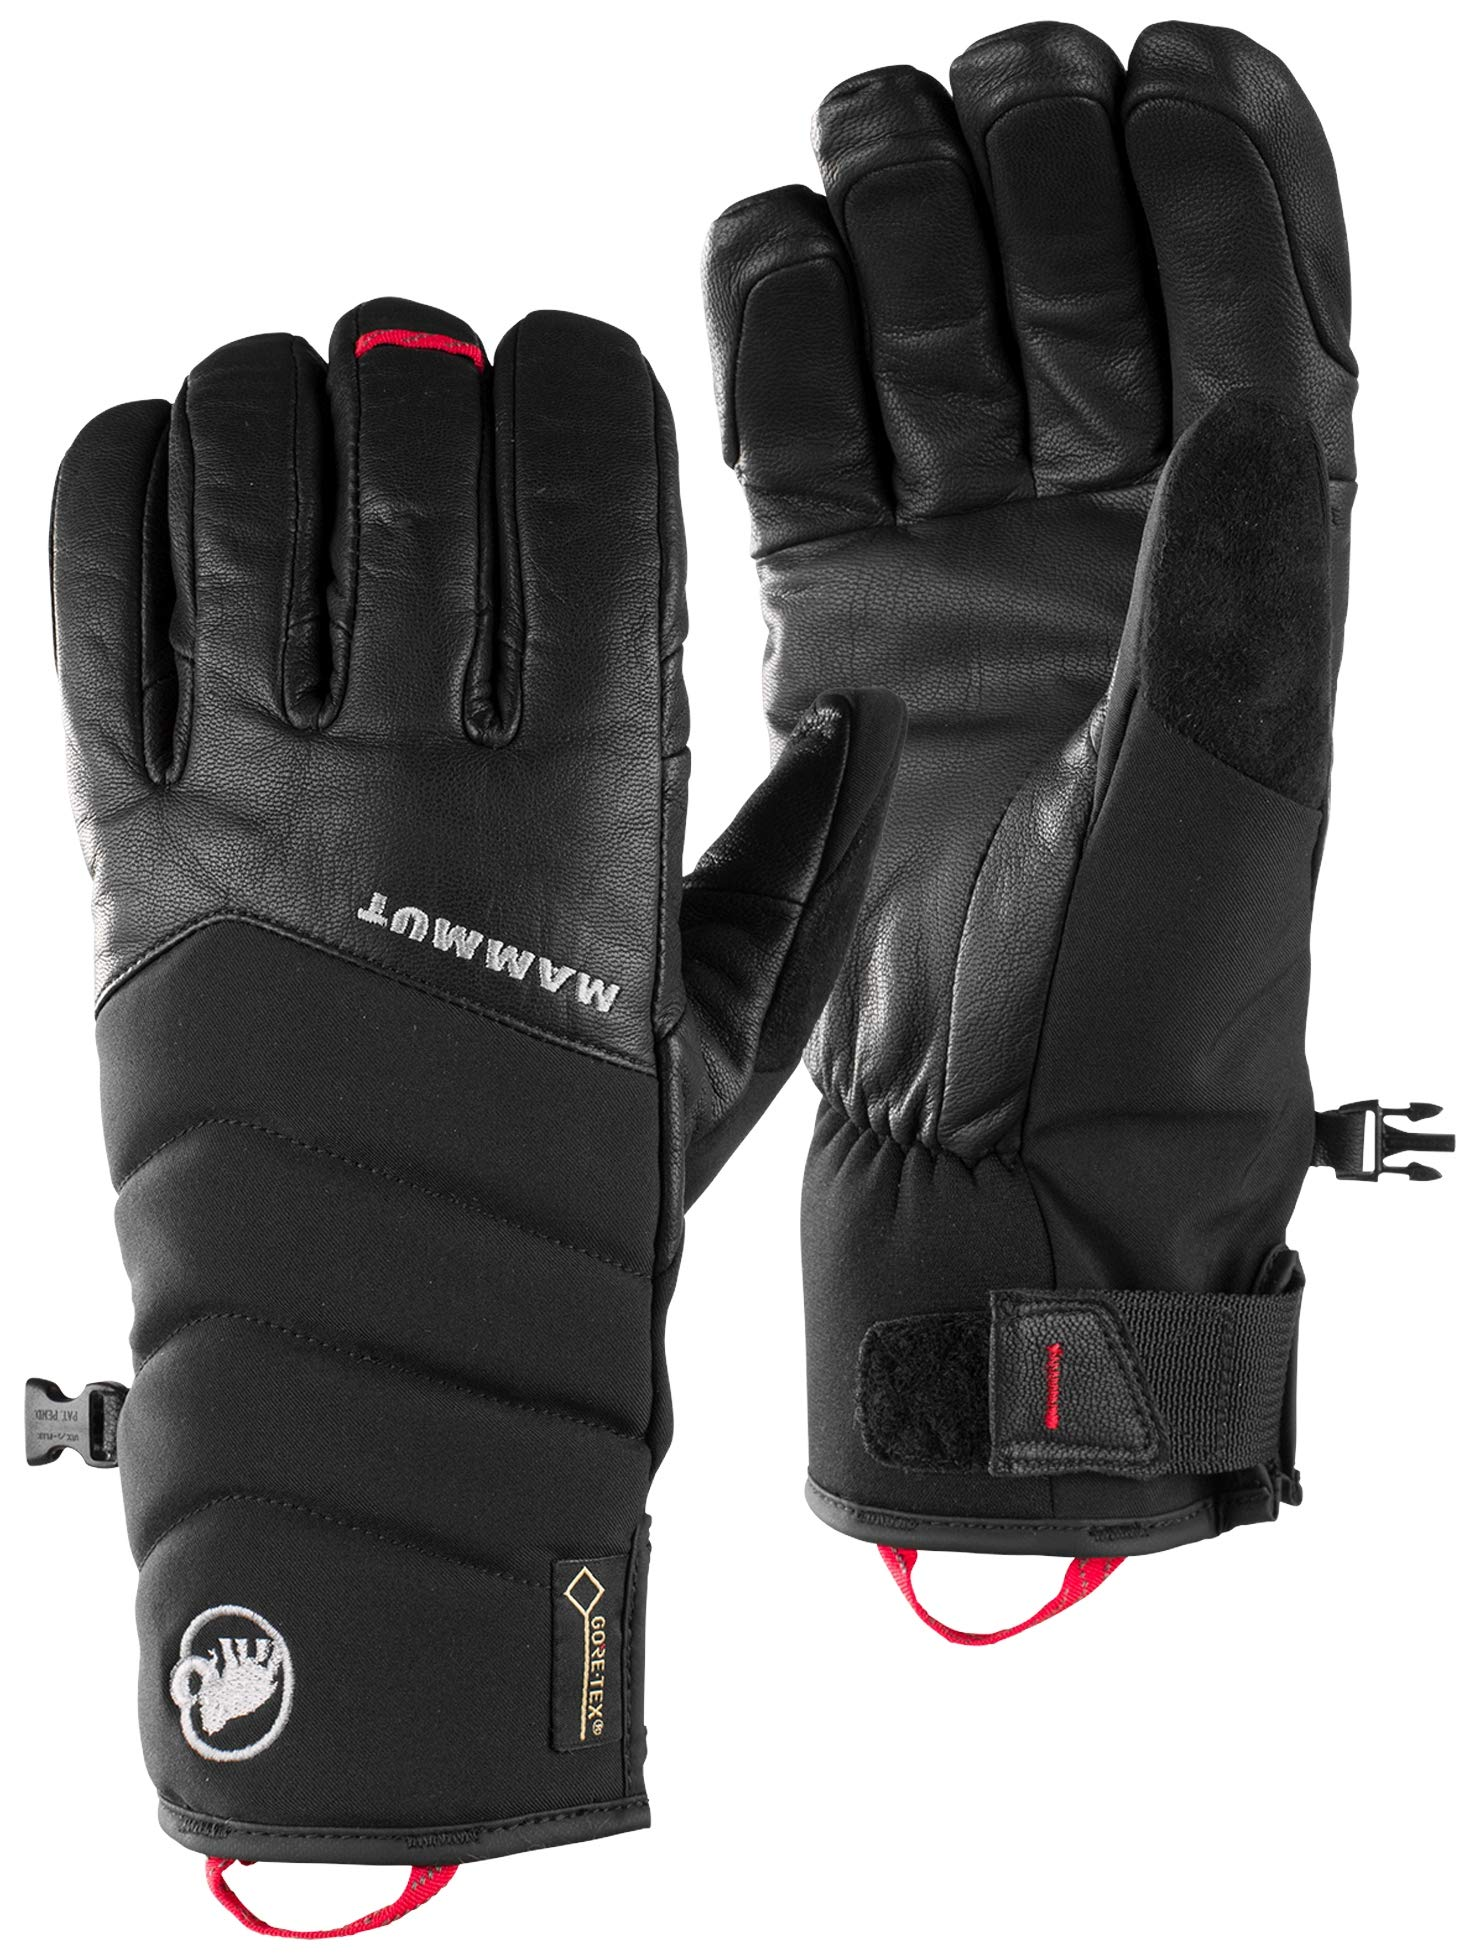 Mammut 1090-05890 Glove Alvier Glove, Black - 6